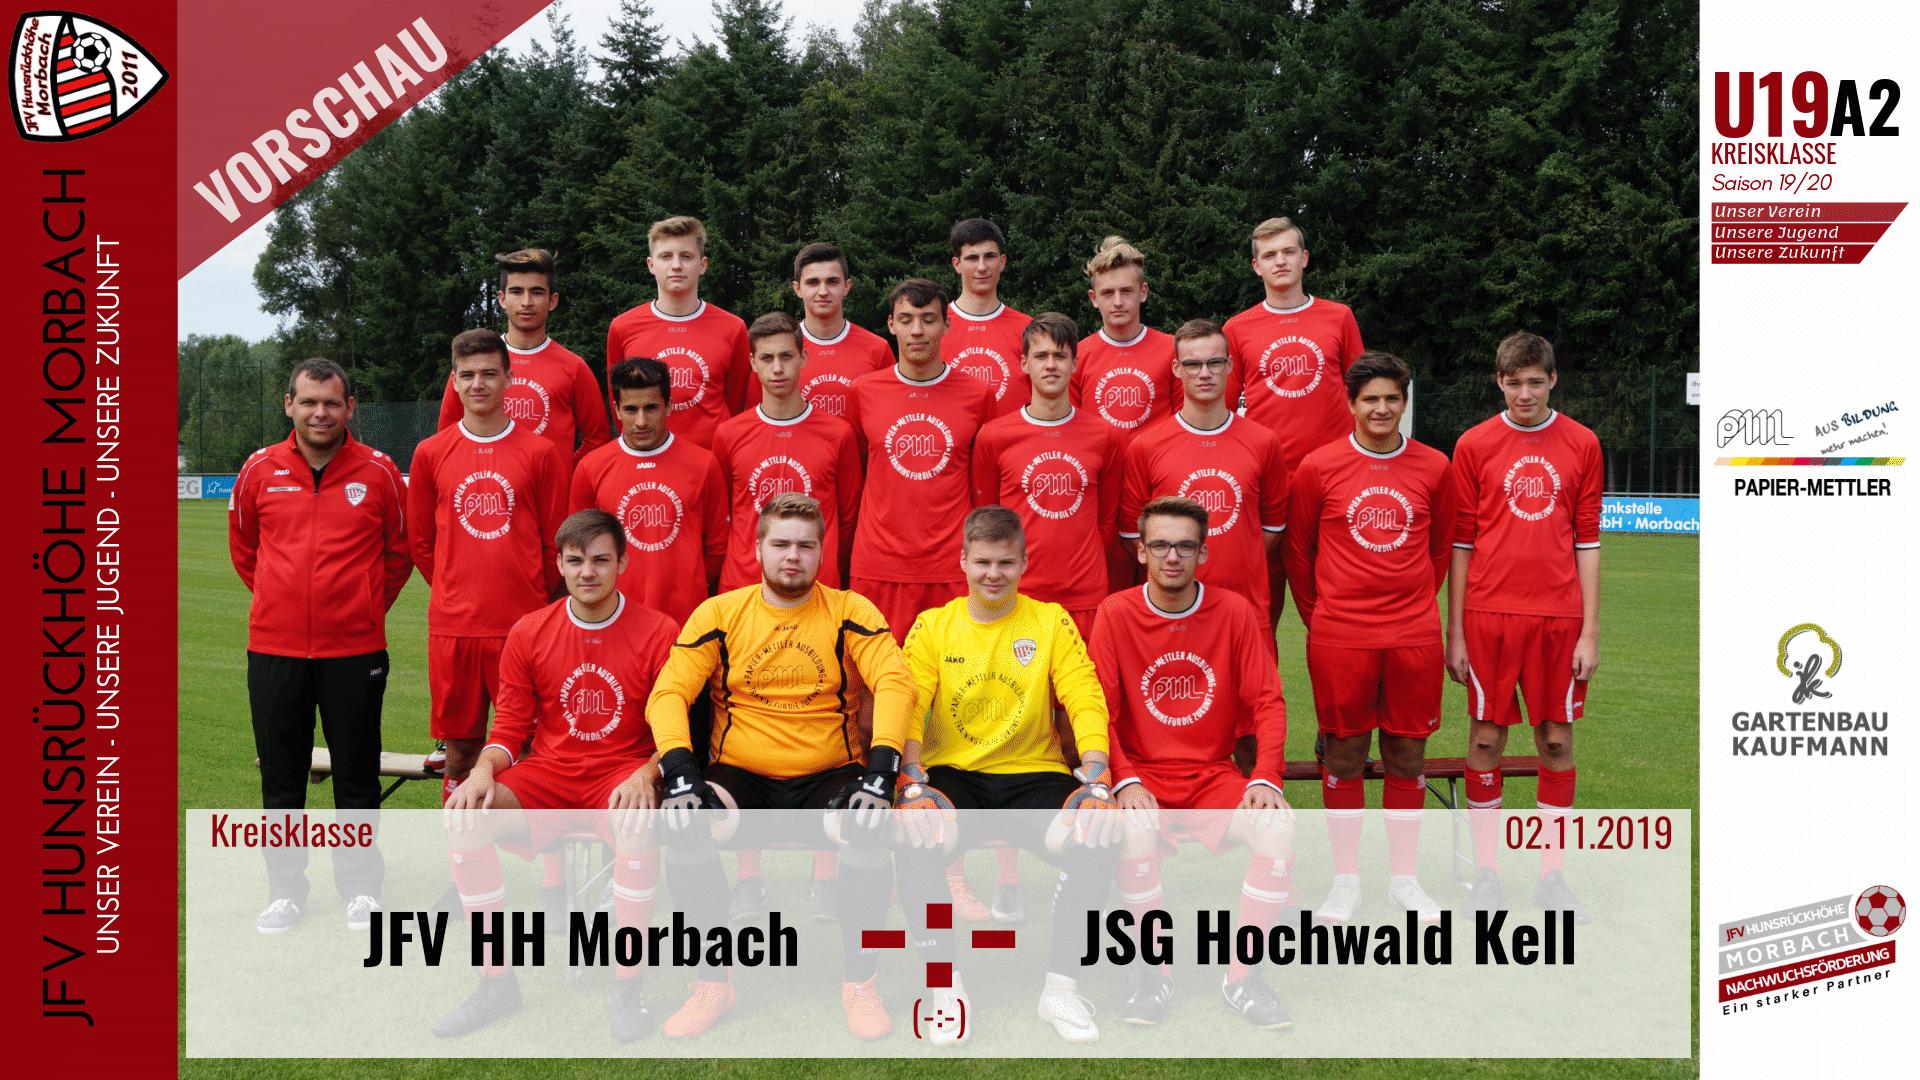 U19 A2: Vorbericht ~ JFV Hunsrückhöhe Morbach – JSG Hochwald Kell ~ Sa., 02.11.19 17:30 Uhr